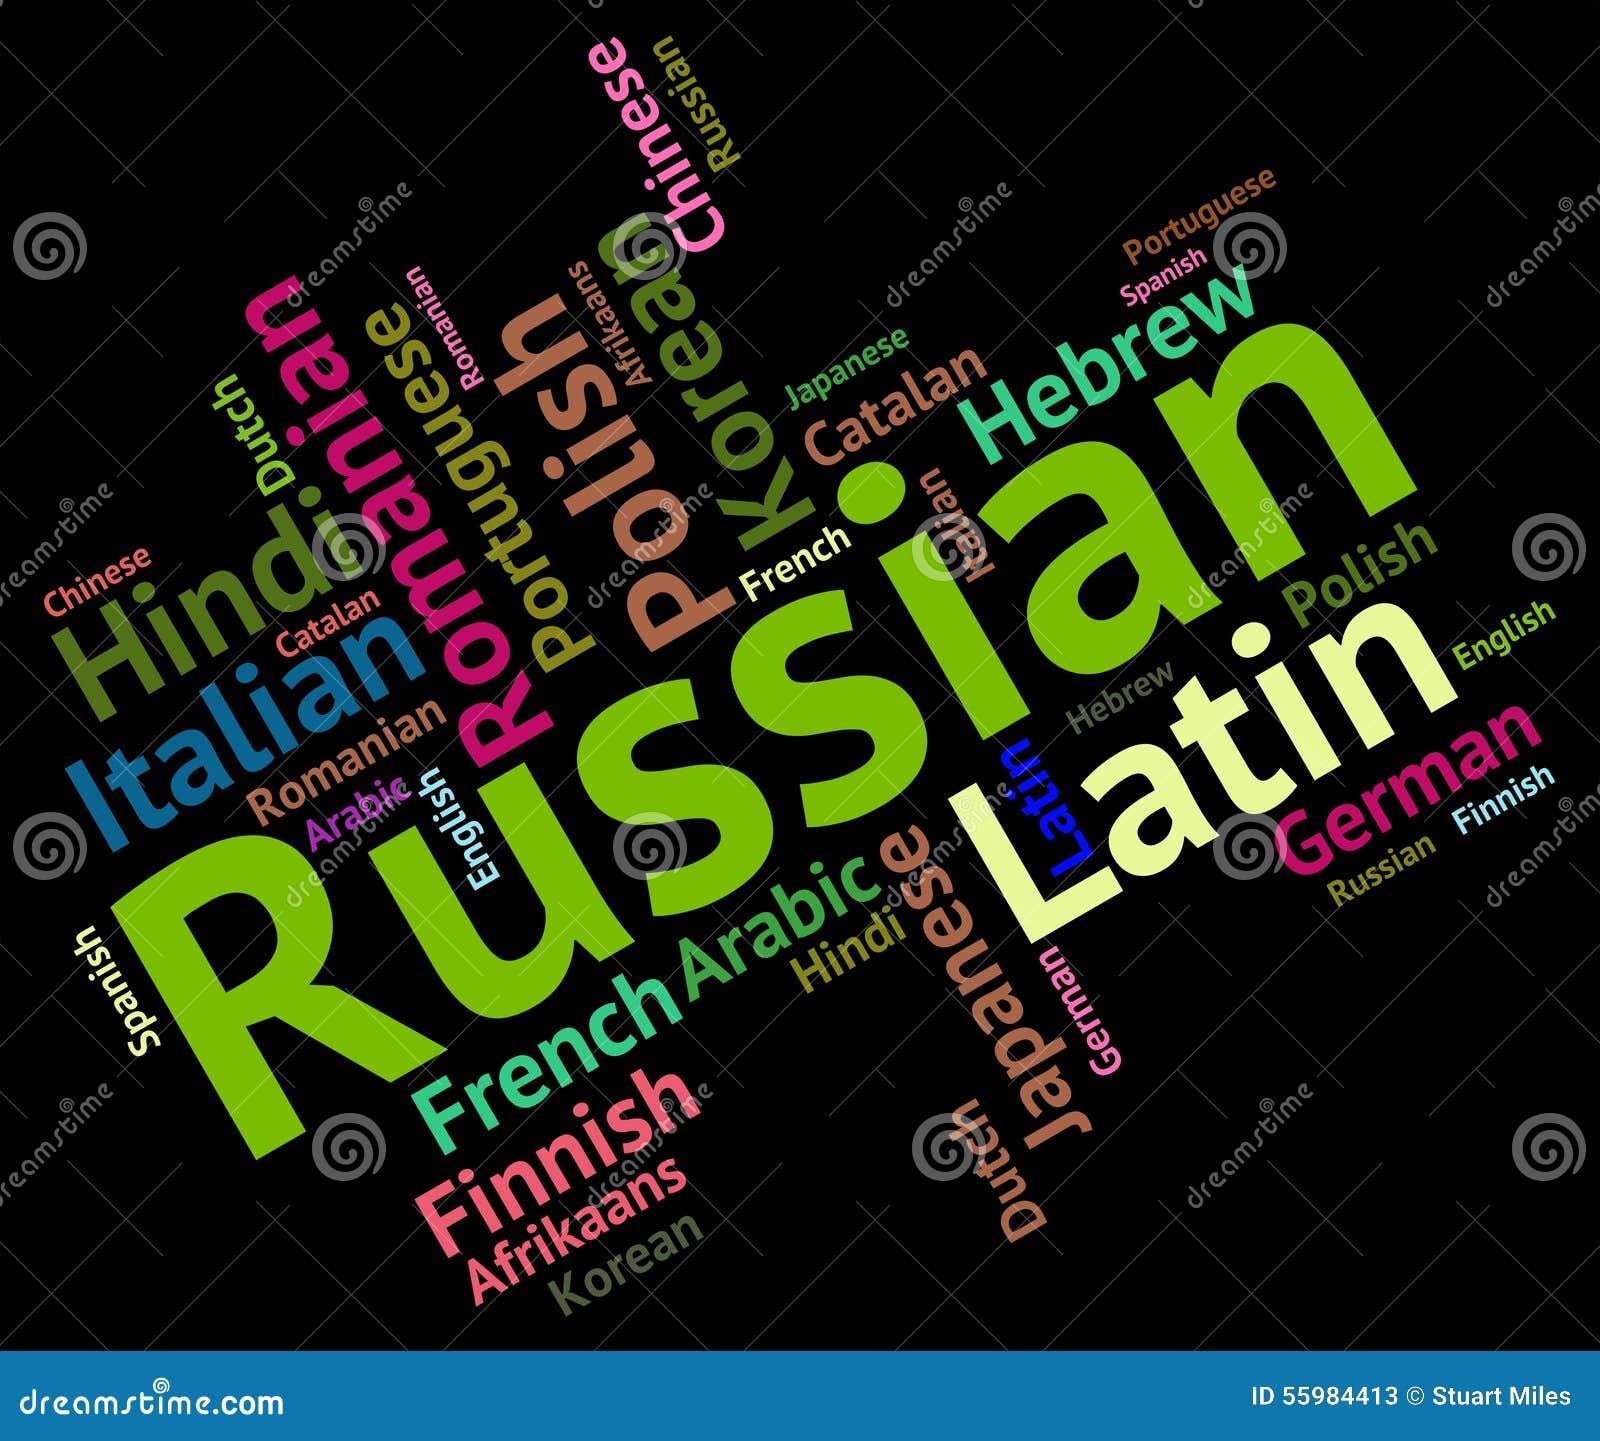 ist die russische Sprache schwer? RusslandJournalde